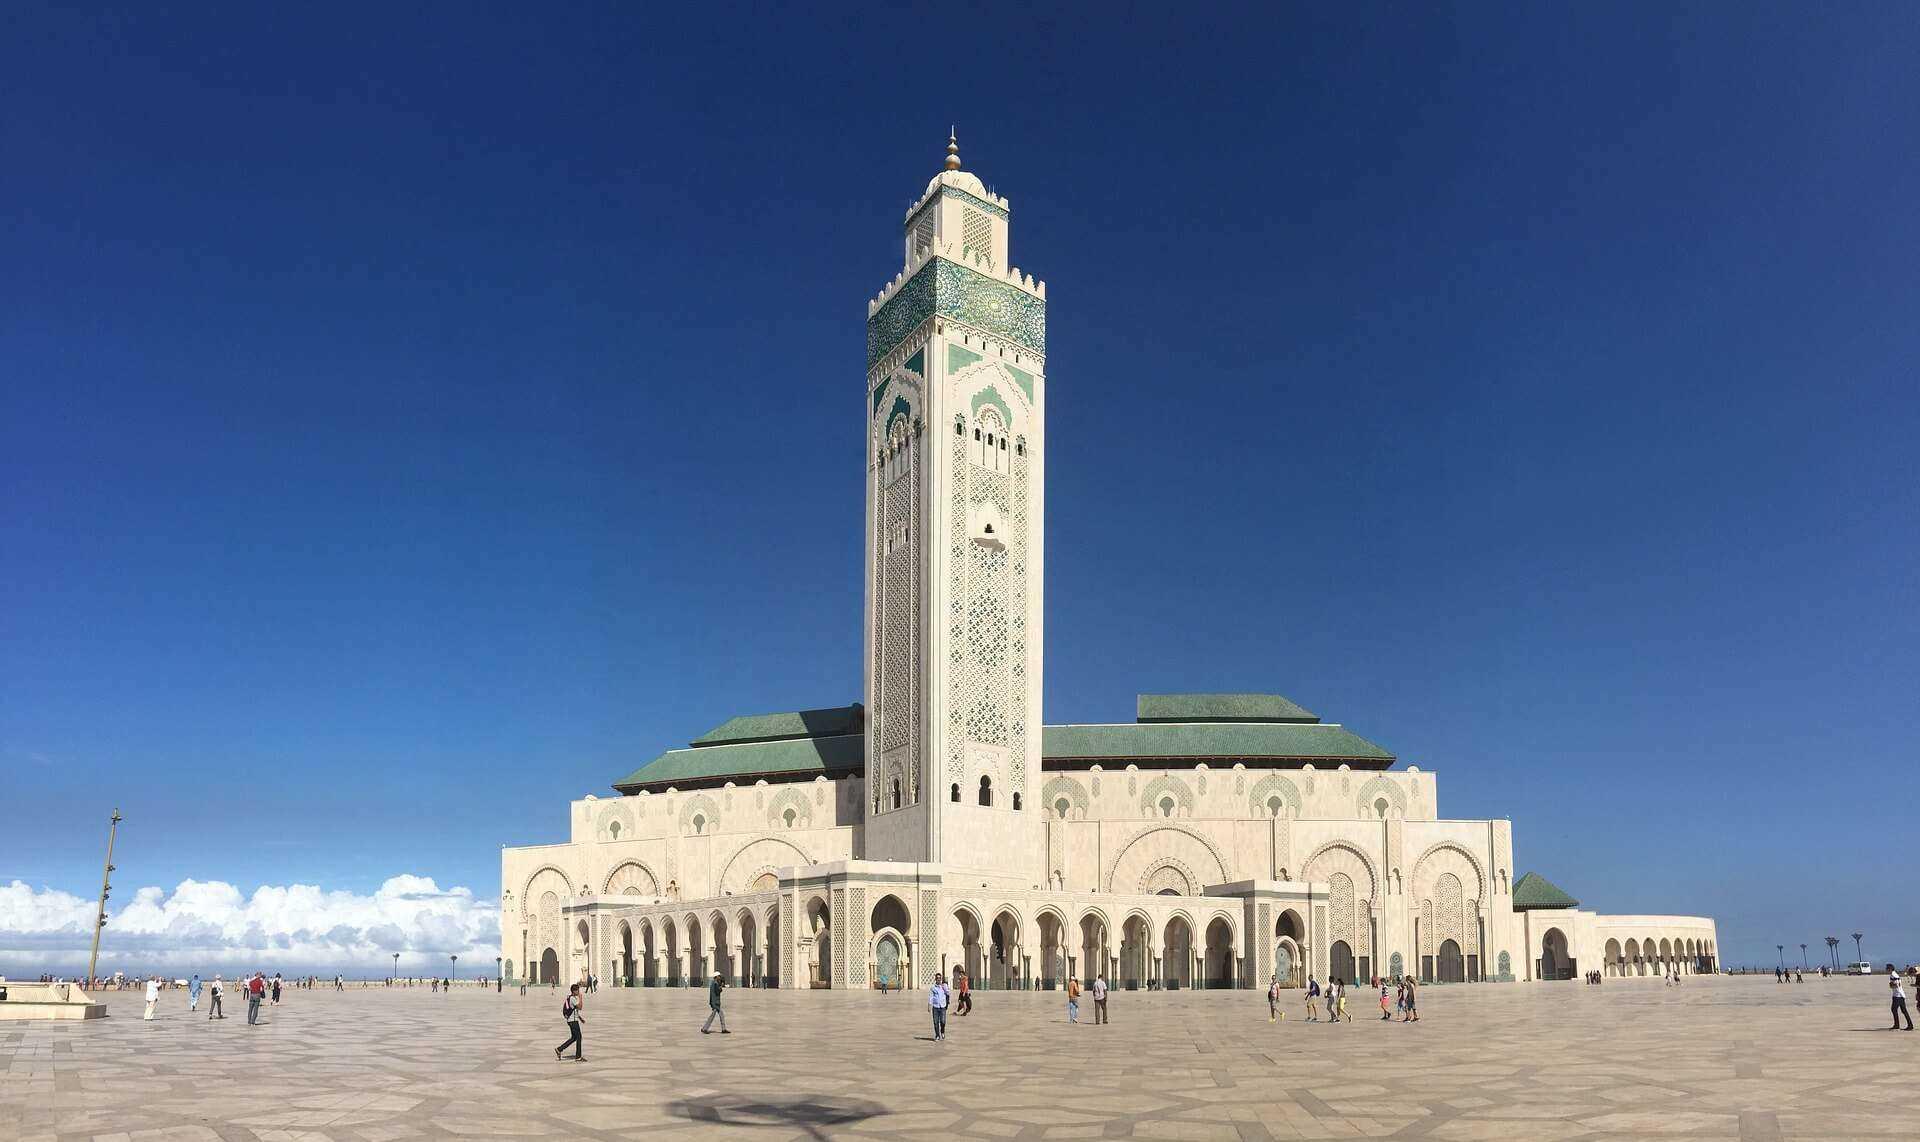 Direktflüge und Billigflüge ab Frankfurt nach Casablanca